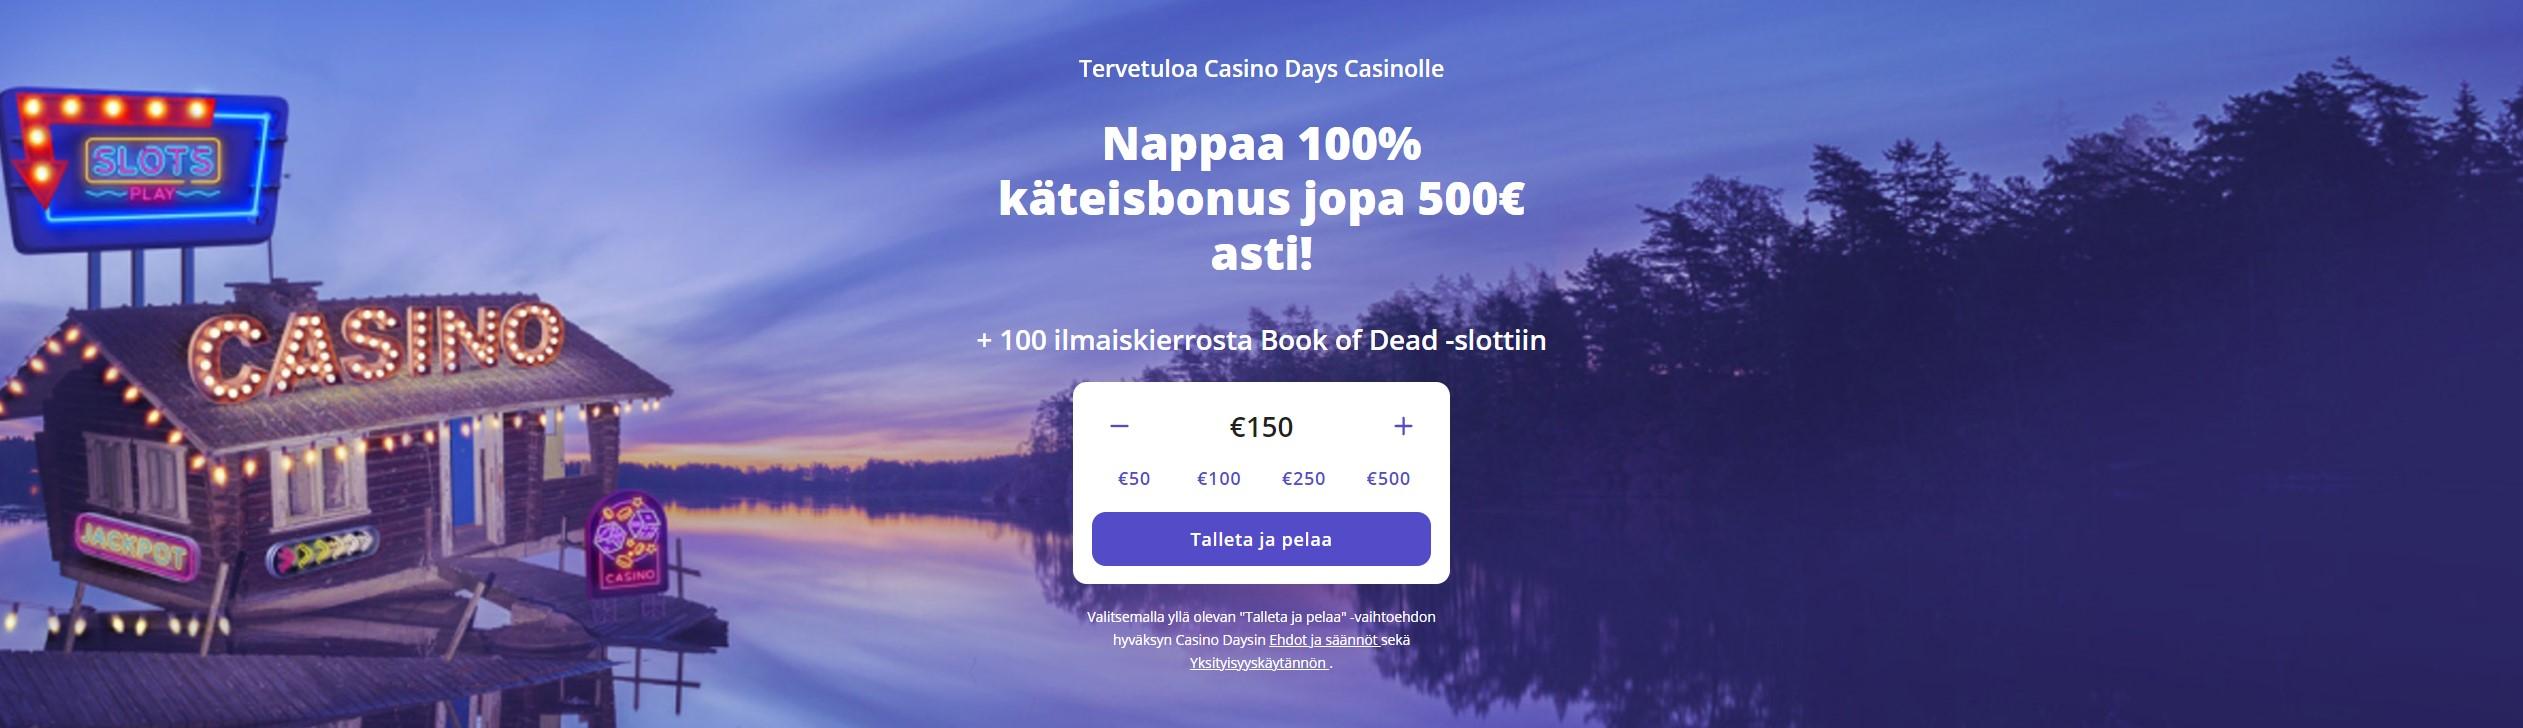 casino days kasino